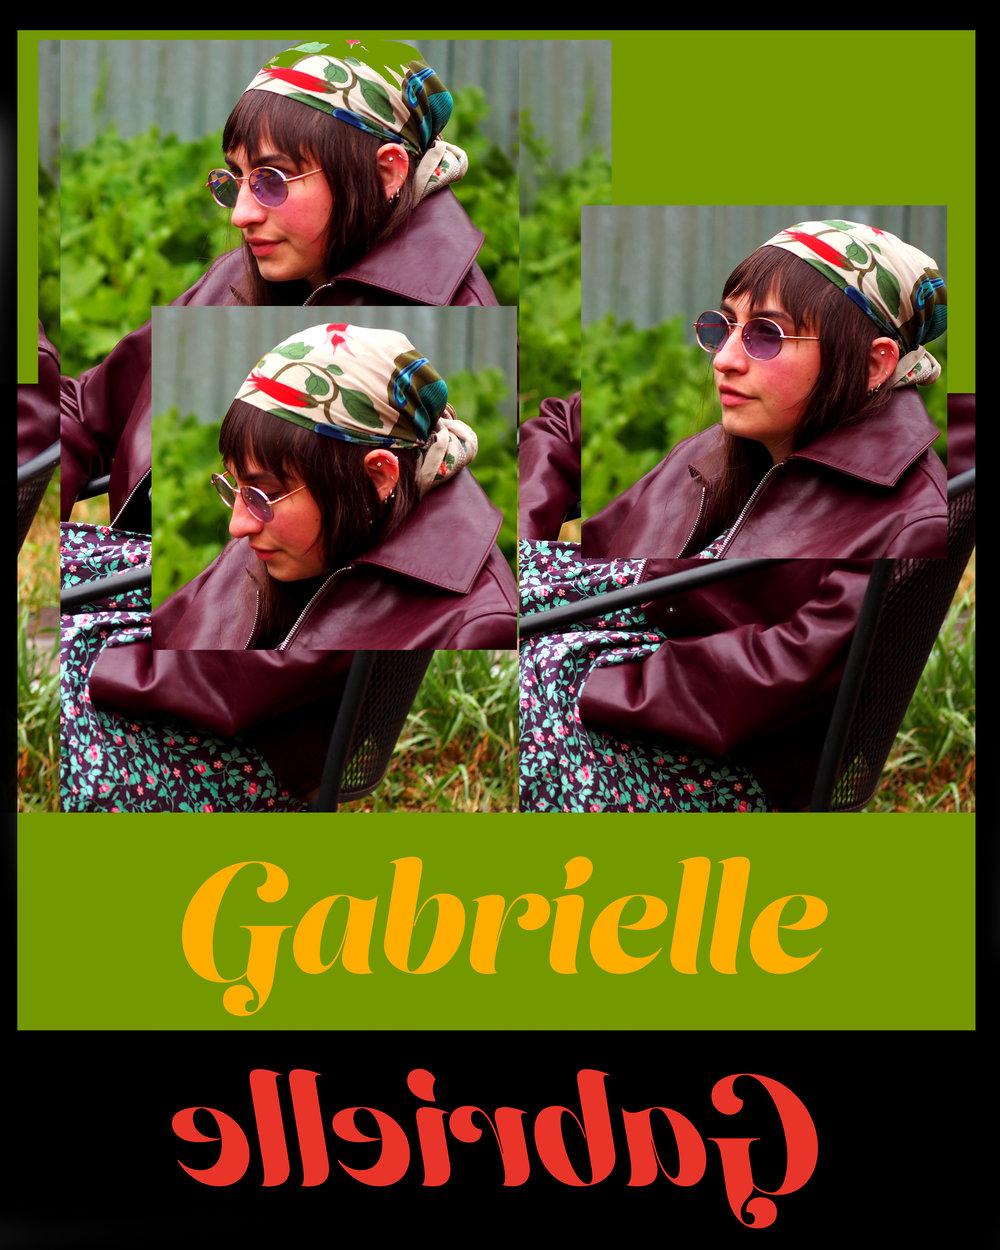 Gabrielle_Montage2.jpg